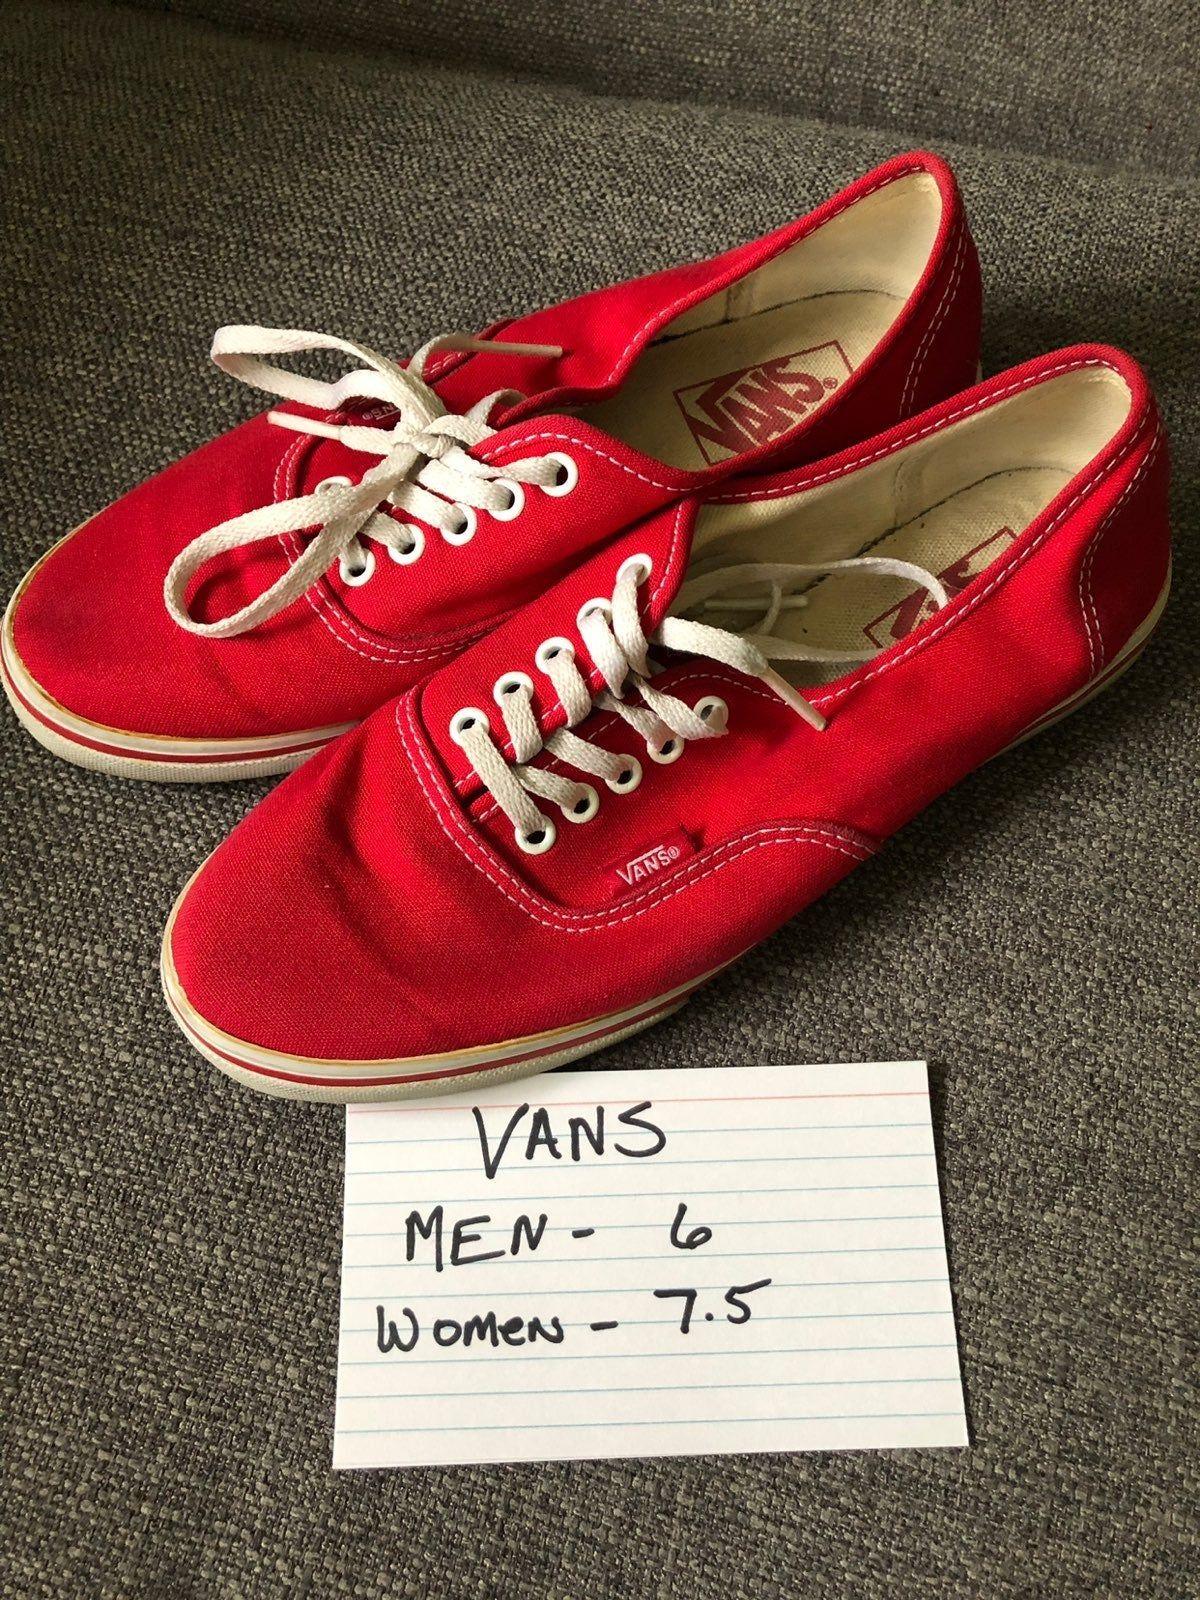 Very Nice Red Vans Men's Size 6 Women's